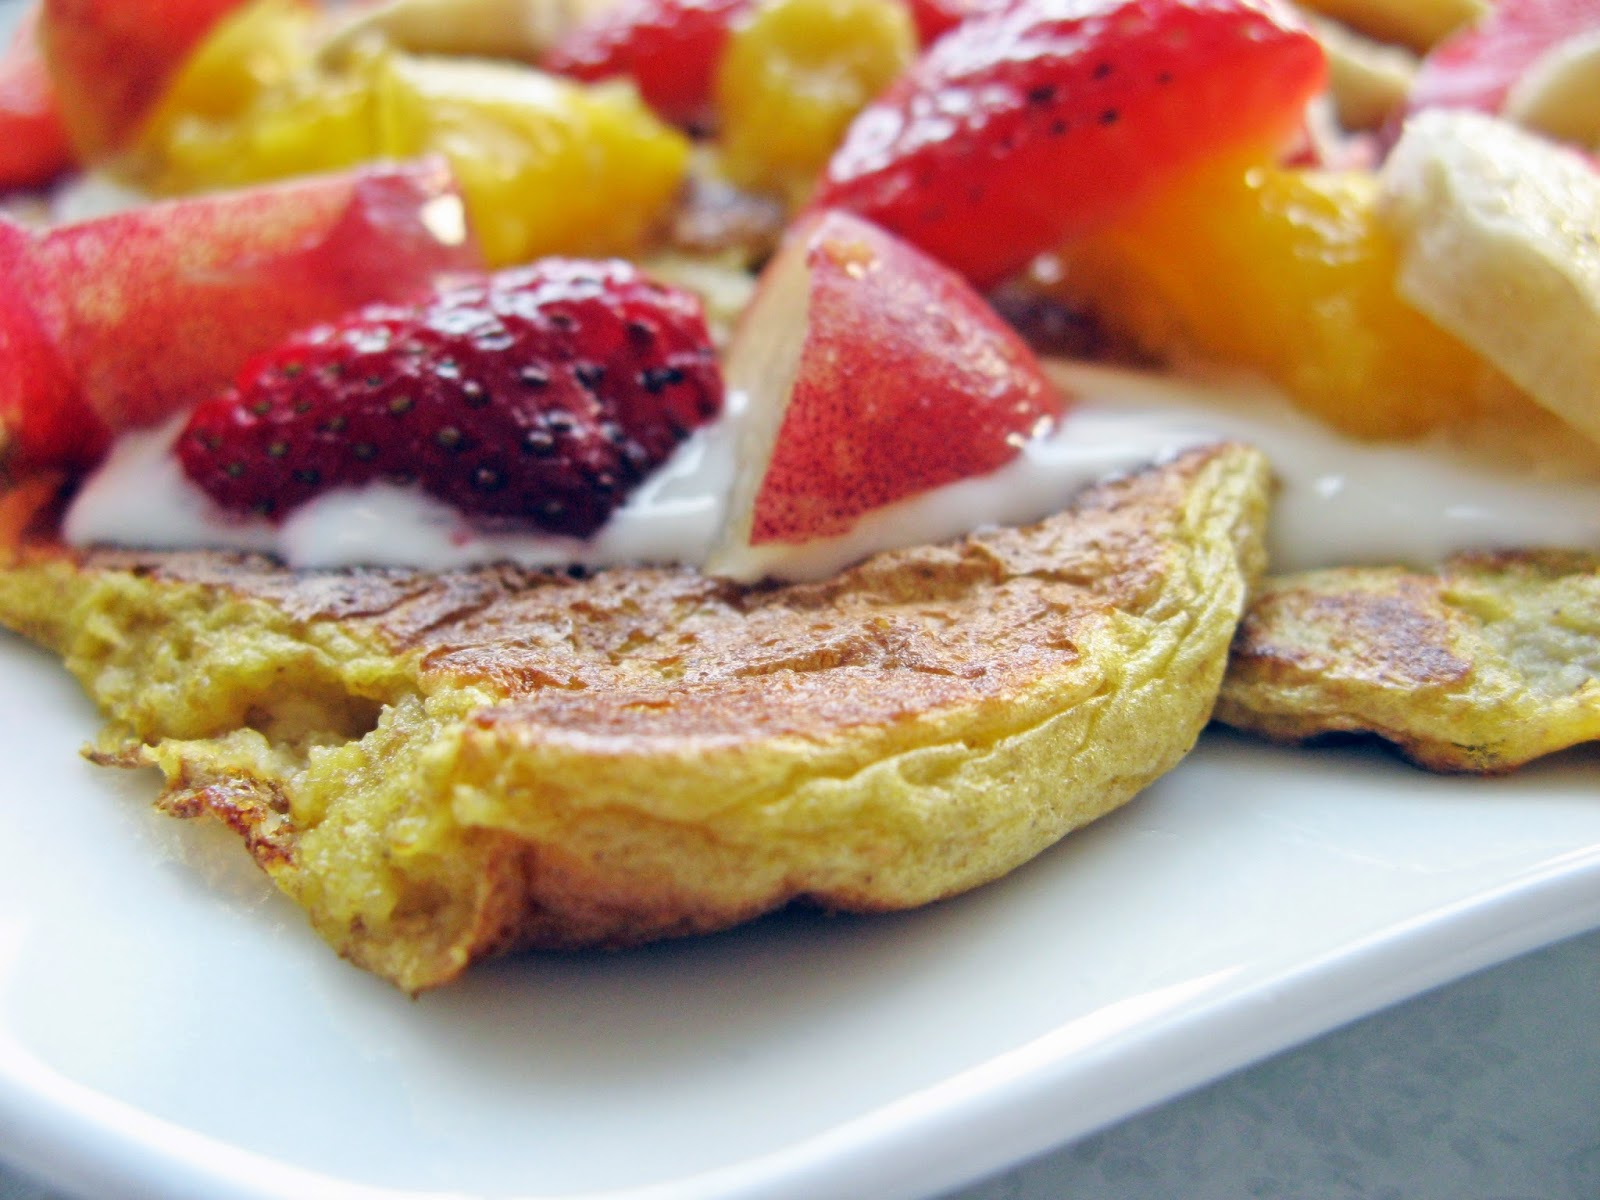 IMG 1466 1 - Śniadaniowe pełnoziarniste placki z serka wiejskiego